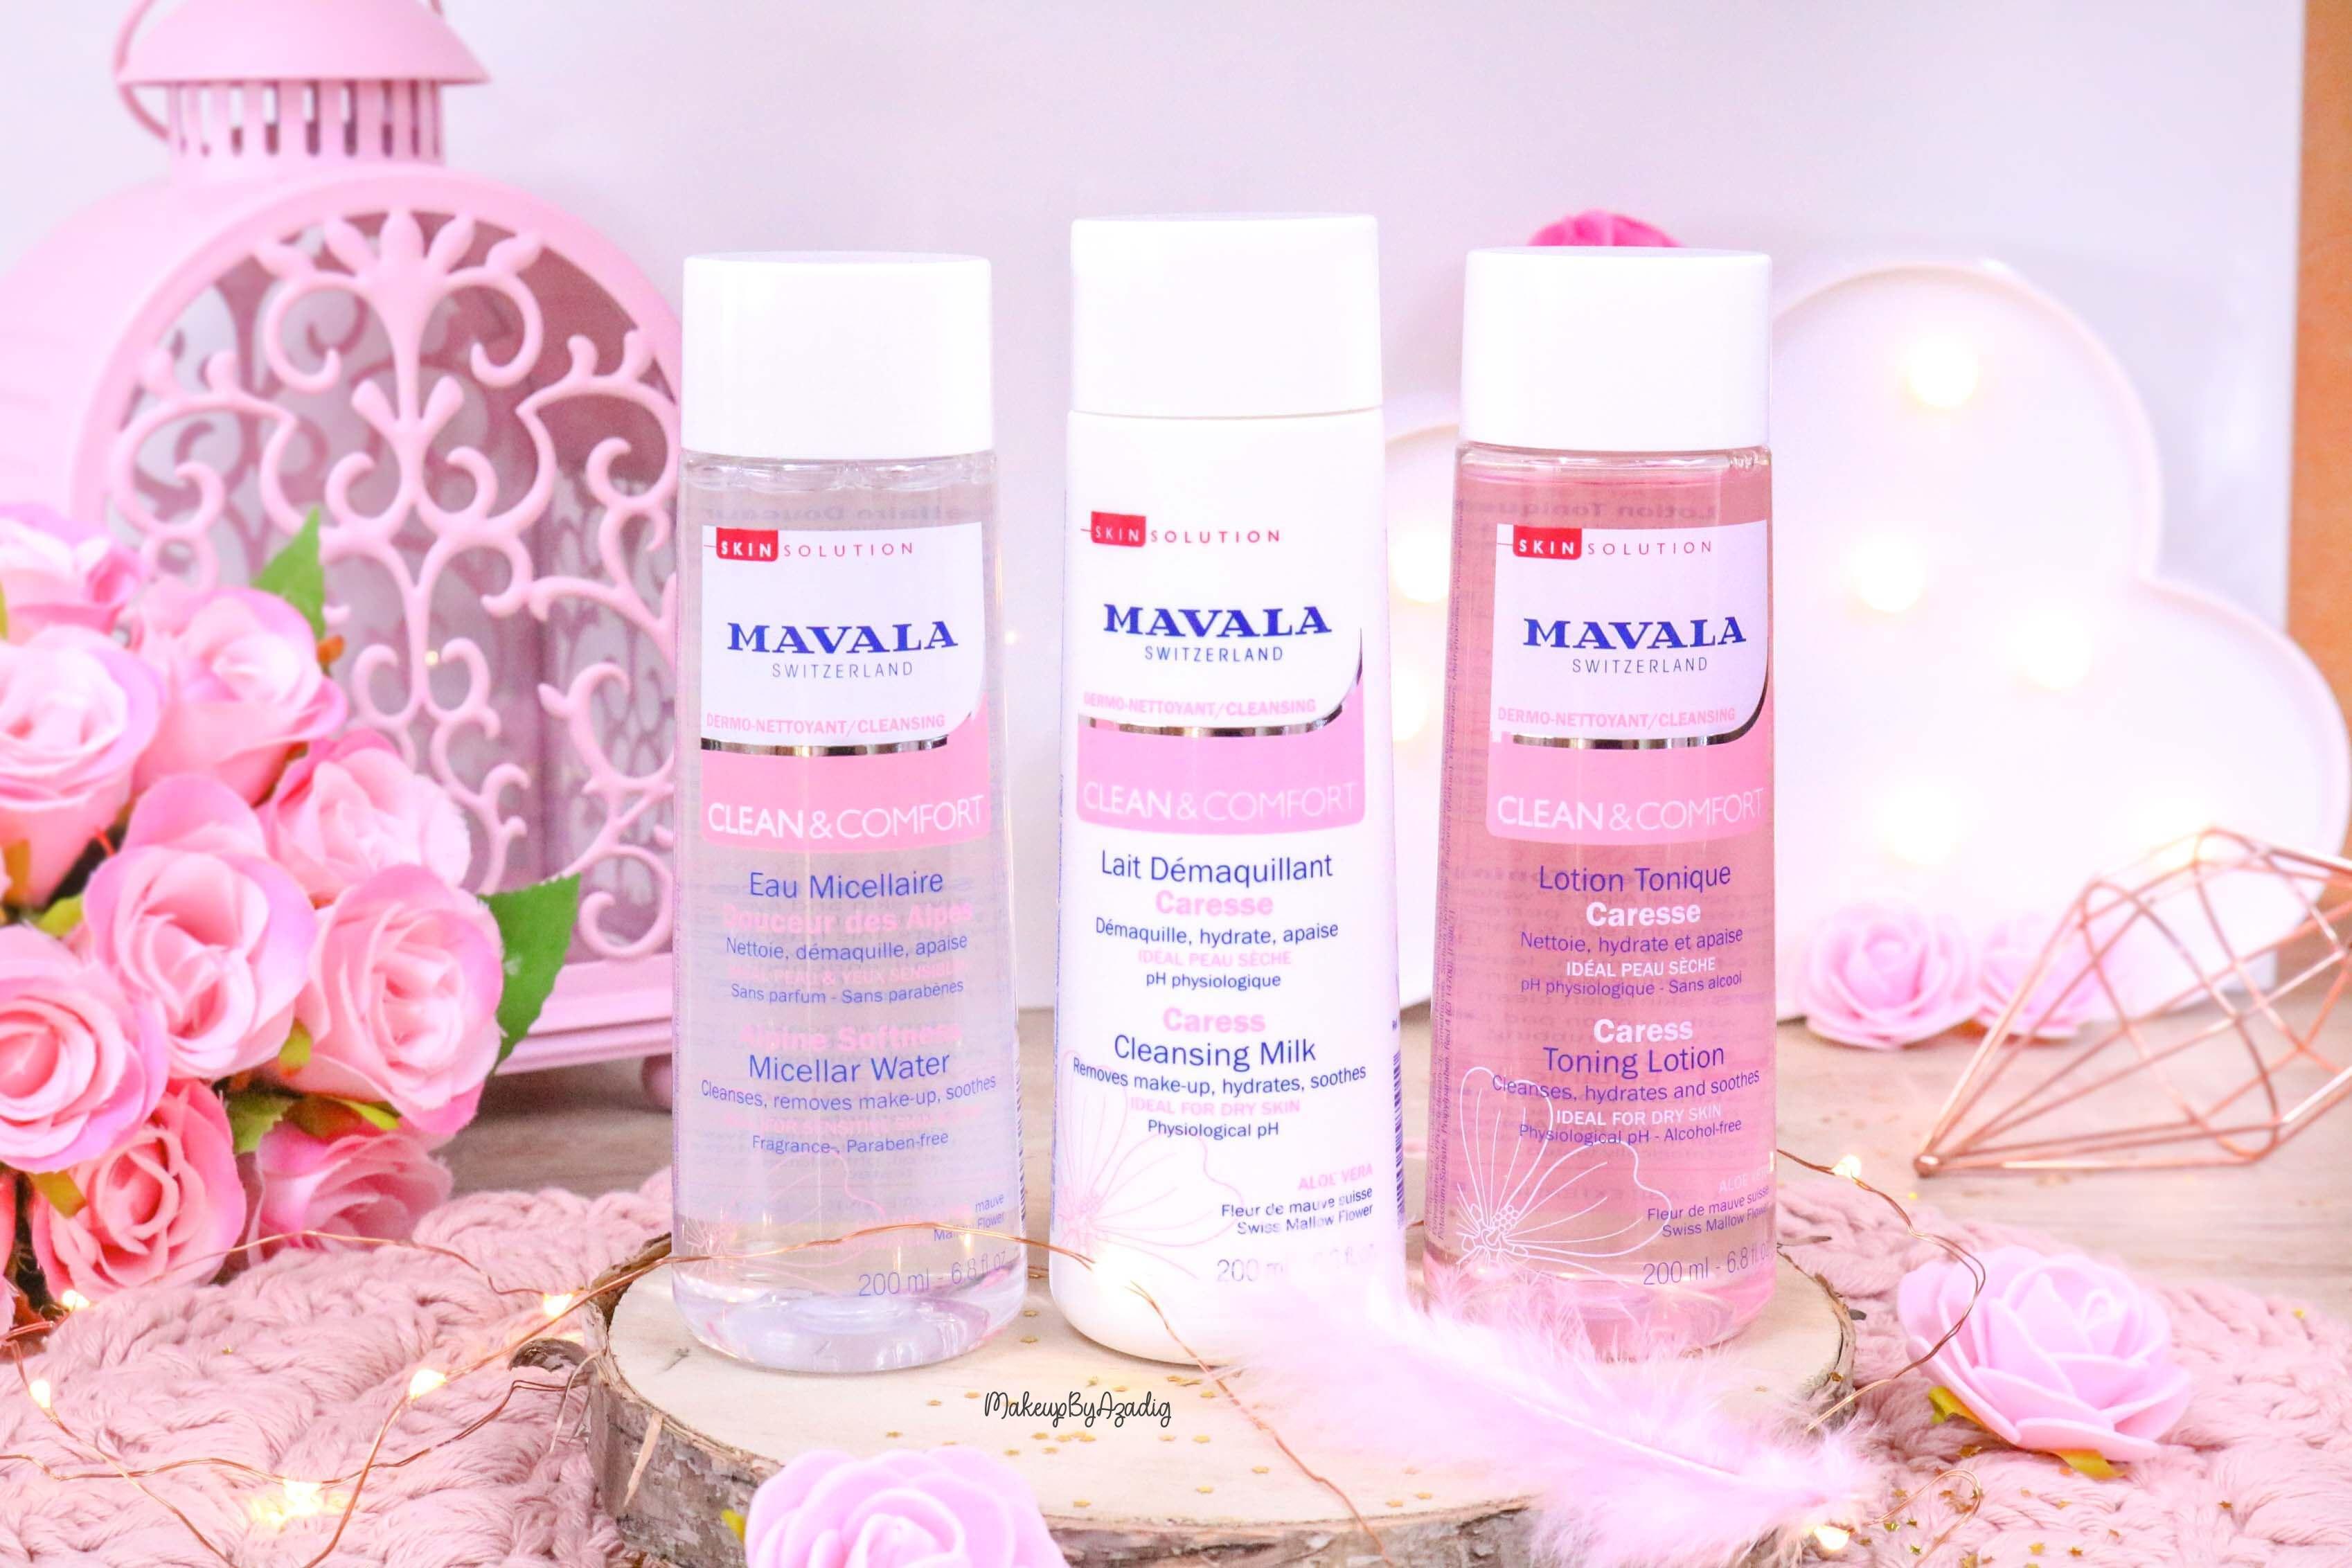 revue-routine-demaquillage-soin-confort-mavala-suisse-clean-lotion-tonique-lait-eau-micellaire-makeupbyazadig-peau-nettoyee